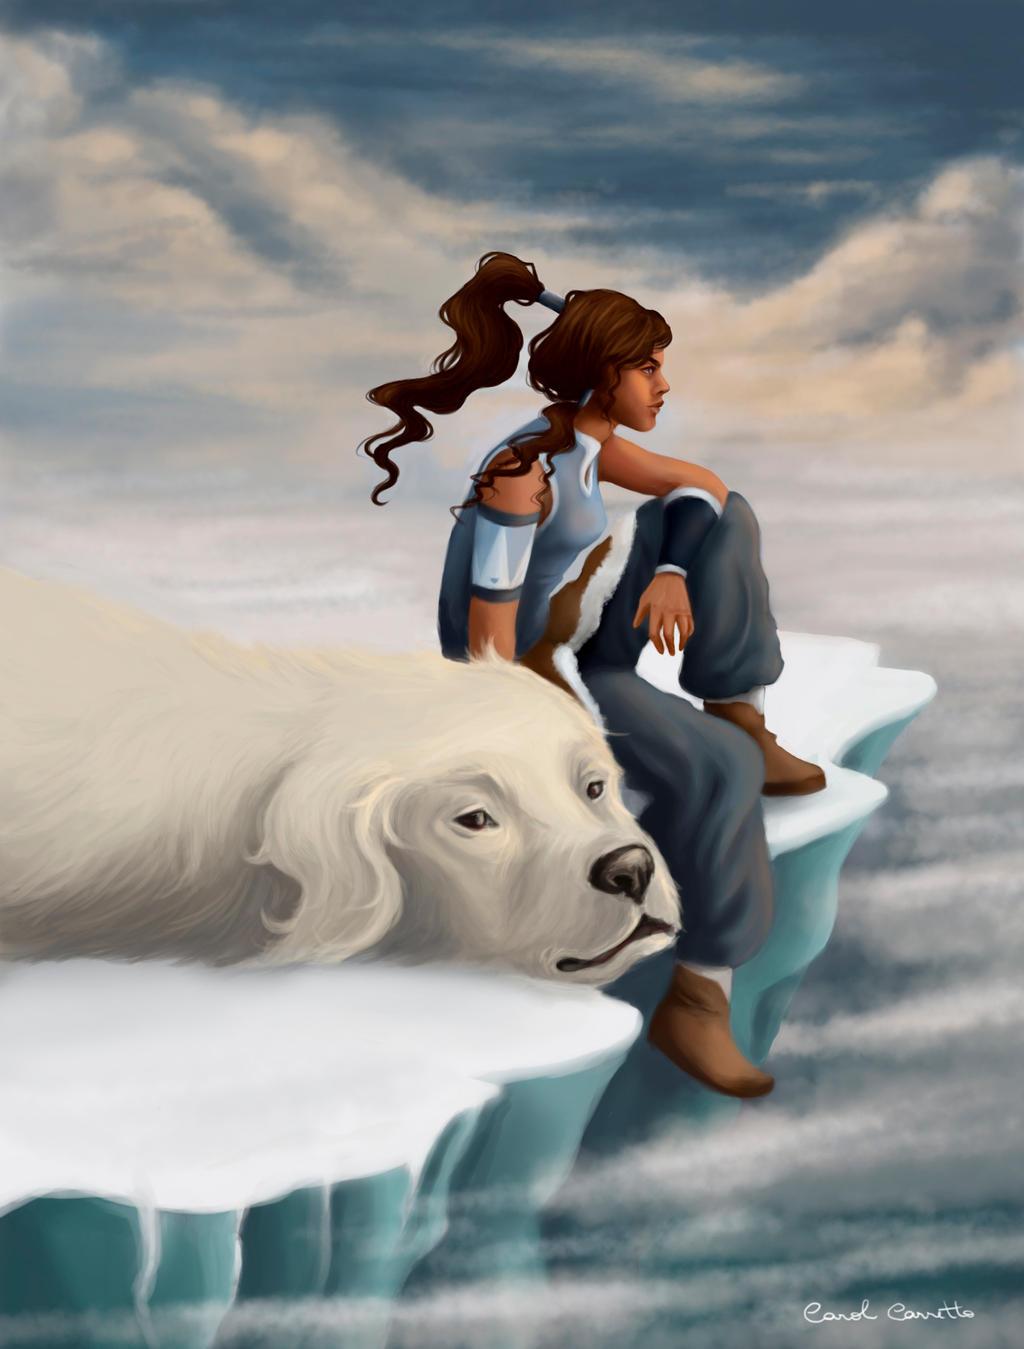 Korra Paintover by DreamingCarol